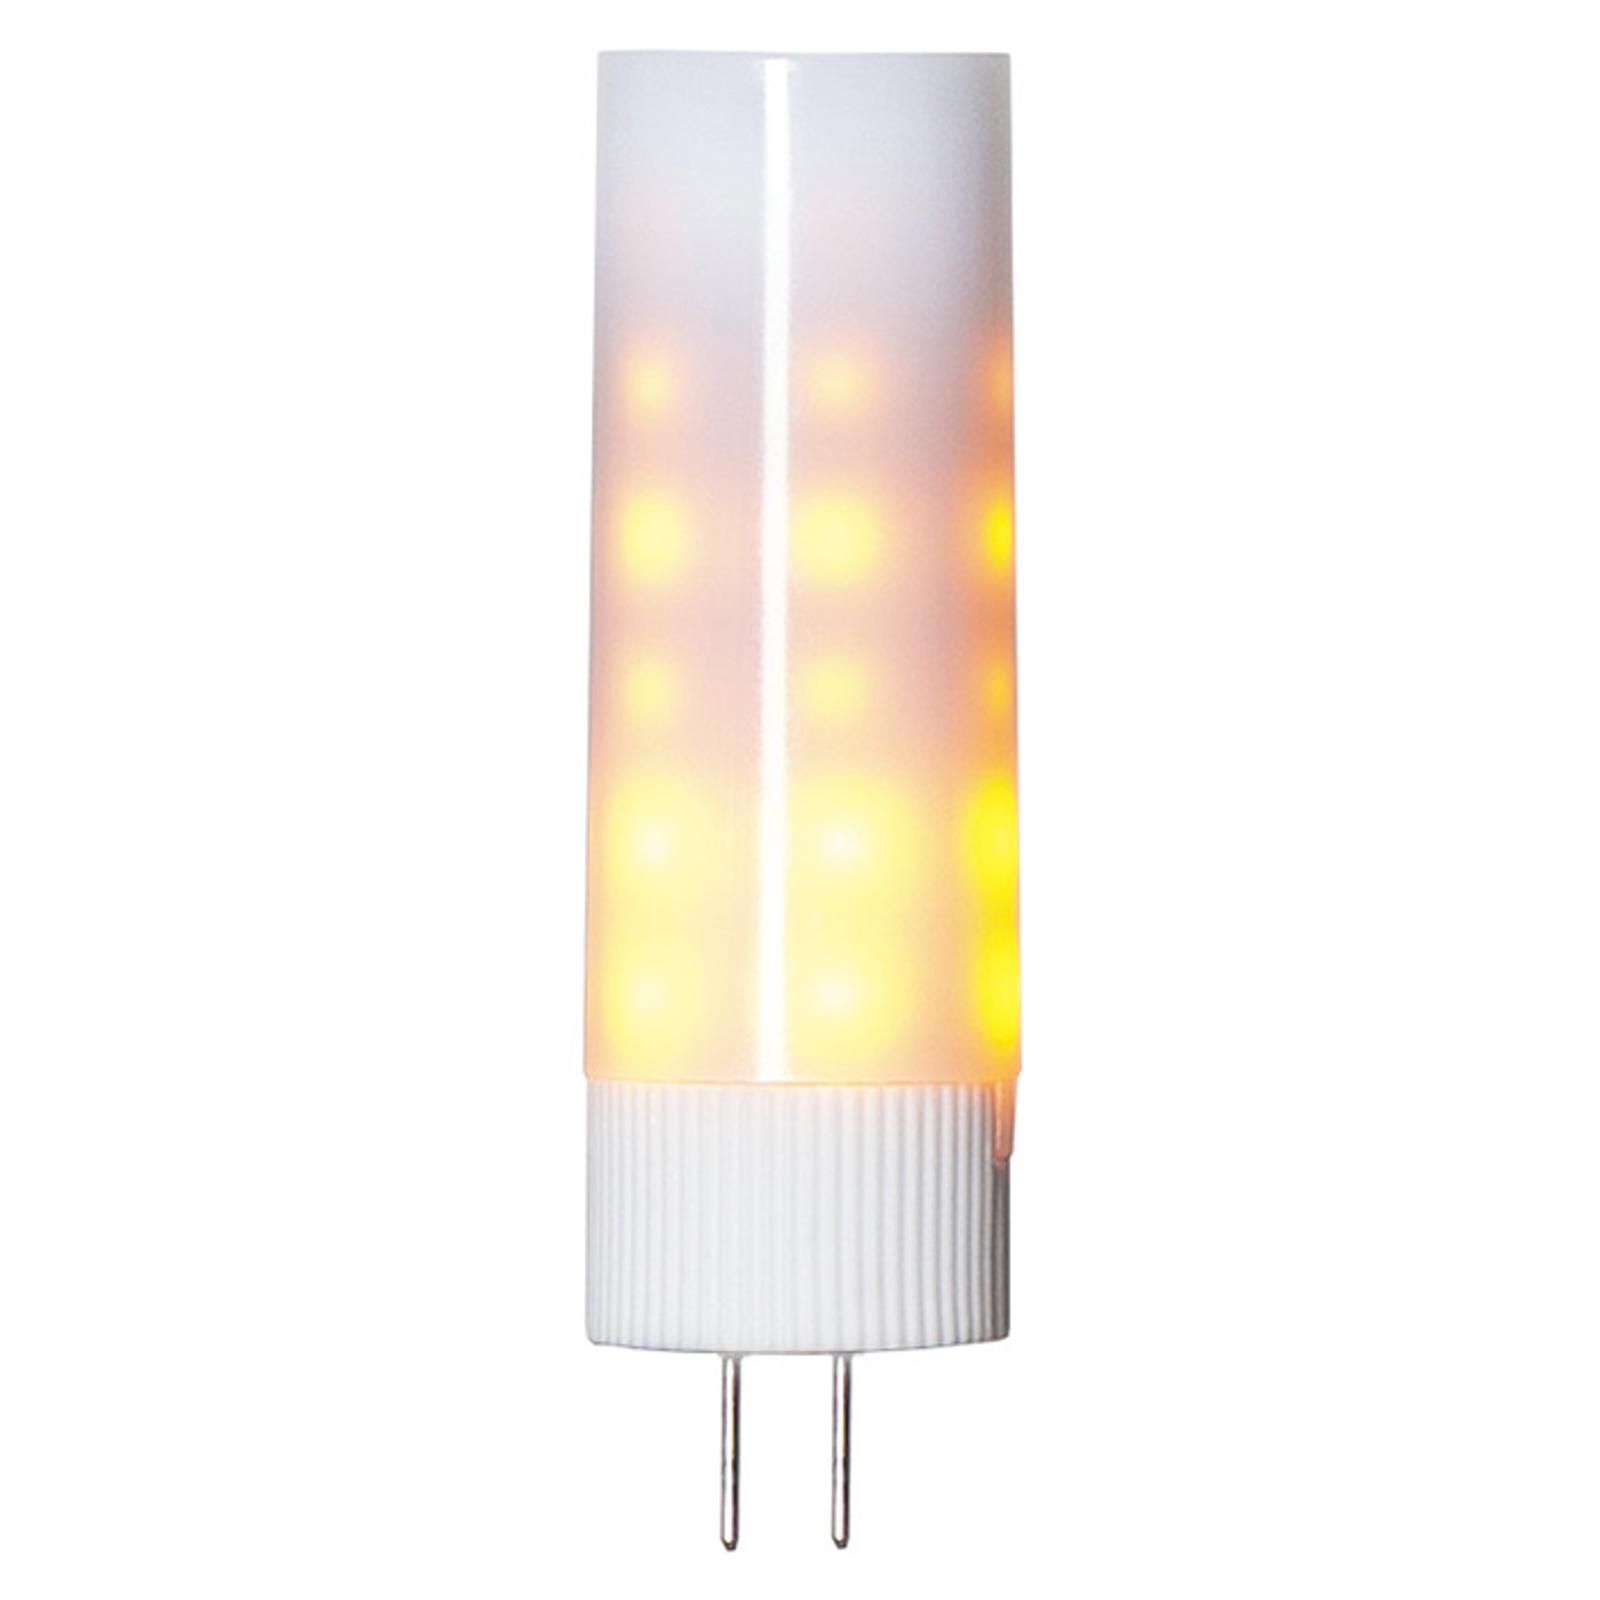 Żarówka sztyft LED G4 1200K Flame lamp